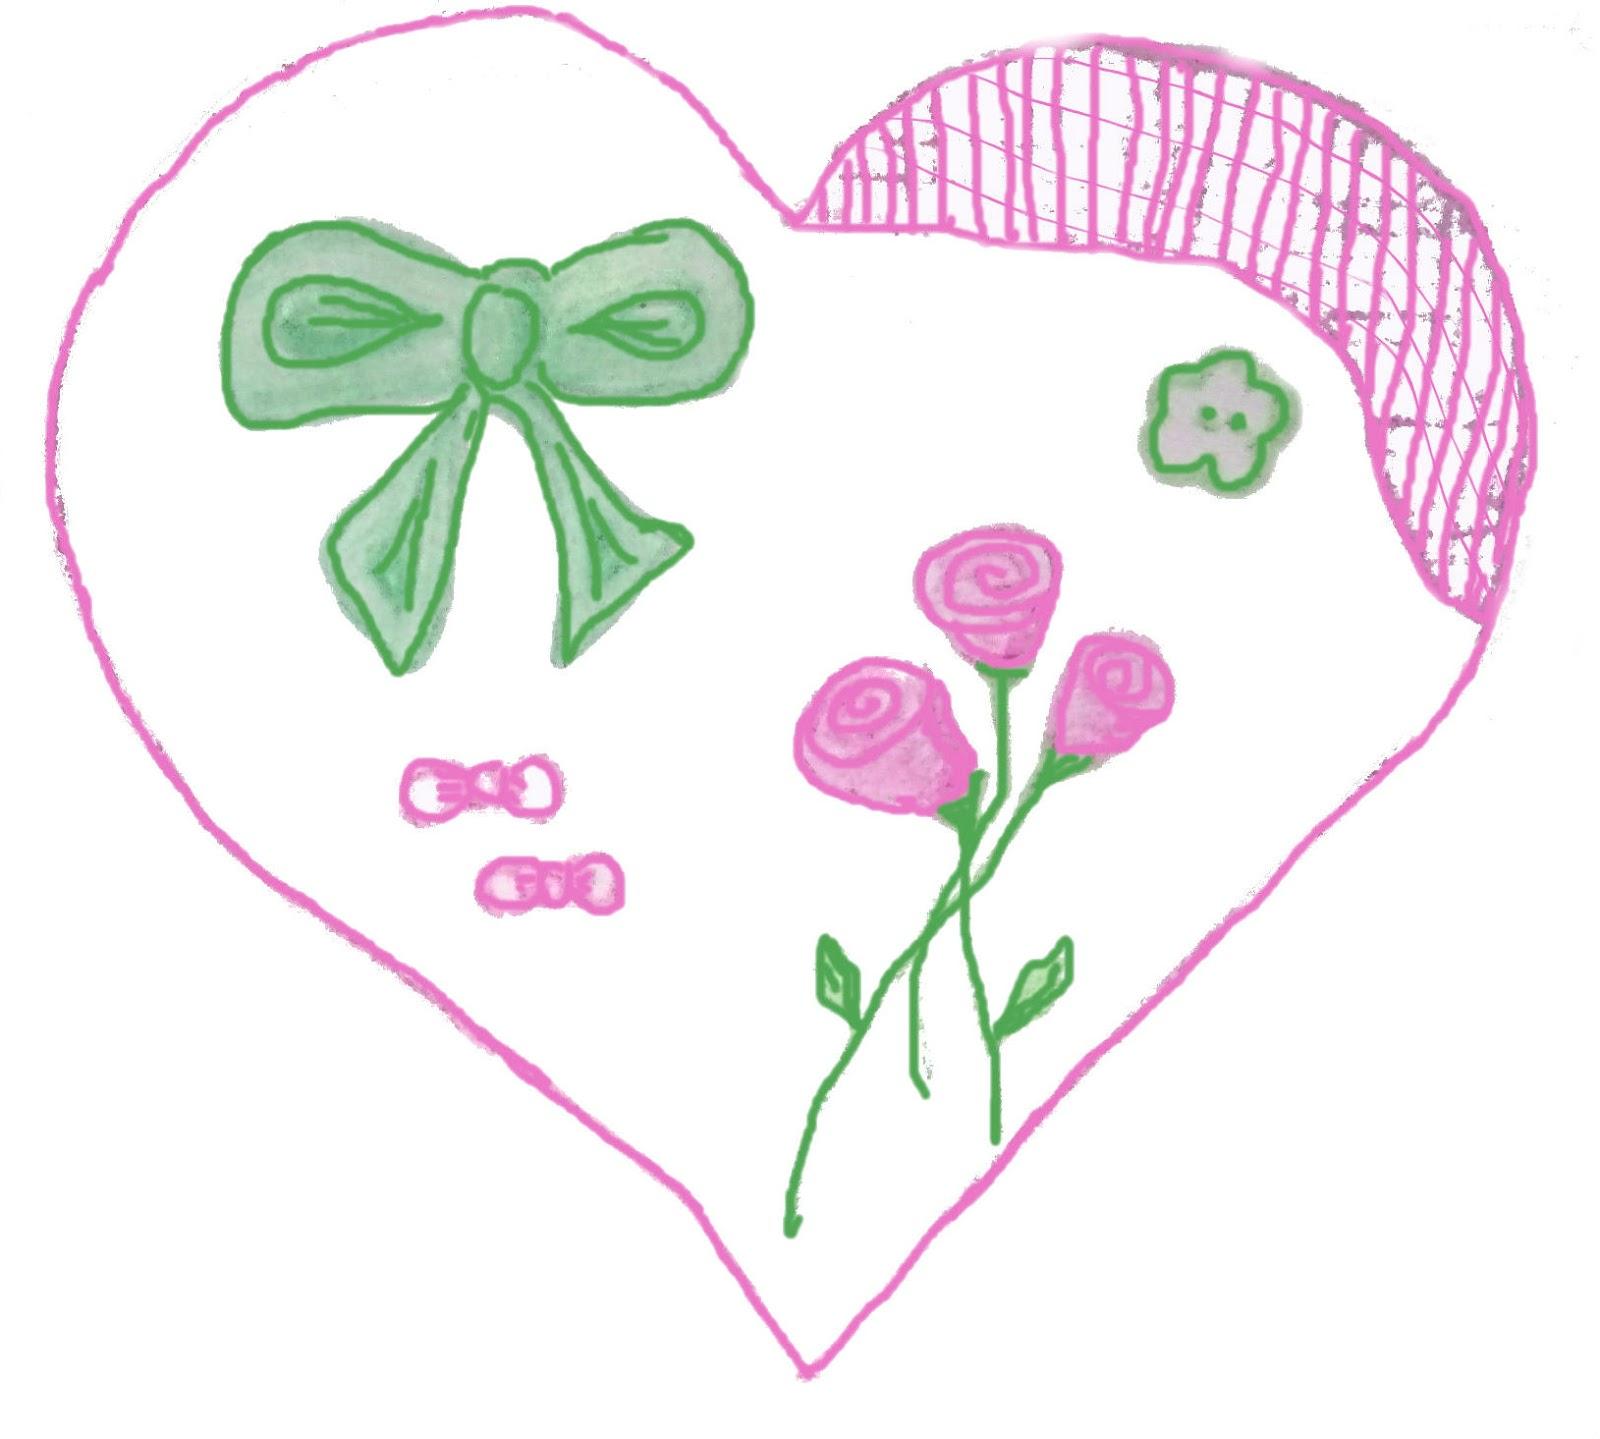 Corazón en verde y rosa con cintas | Corazones inventados